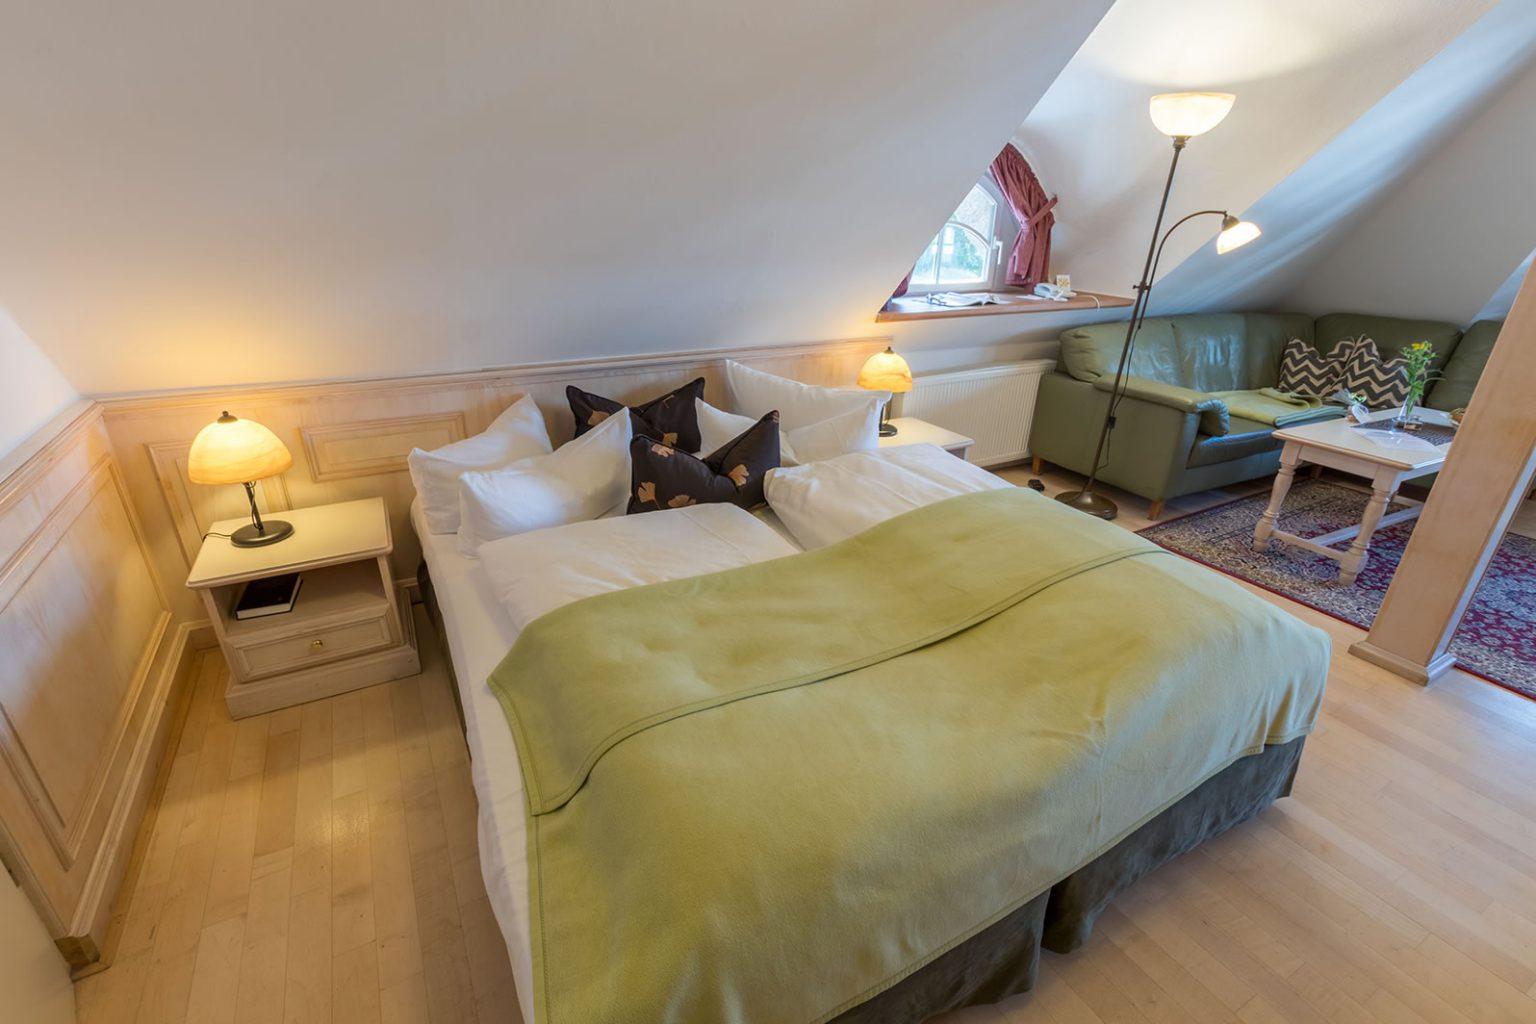 Schlafbereich untere Etage Familiensuite